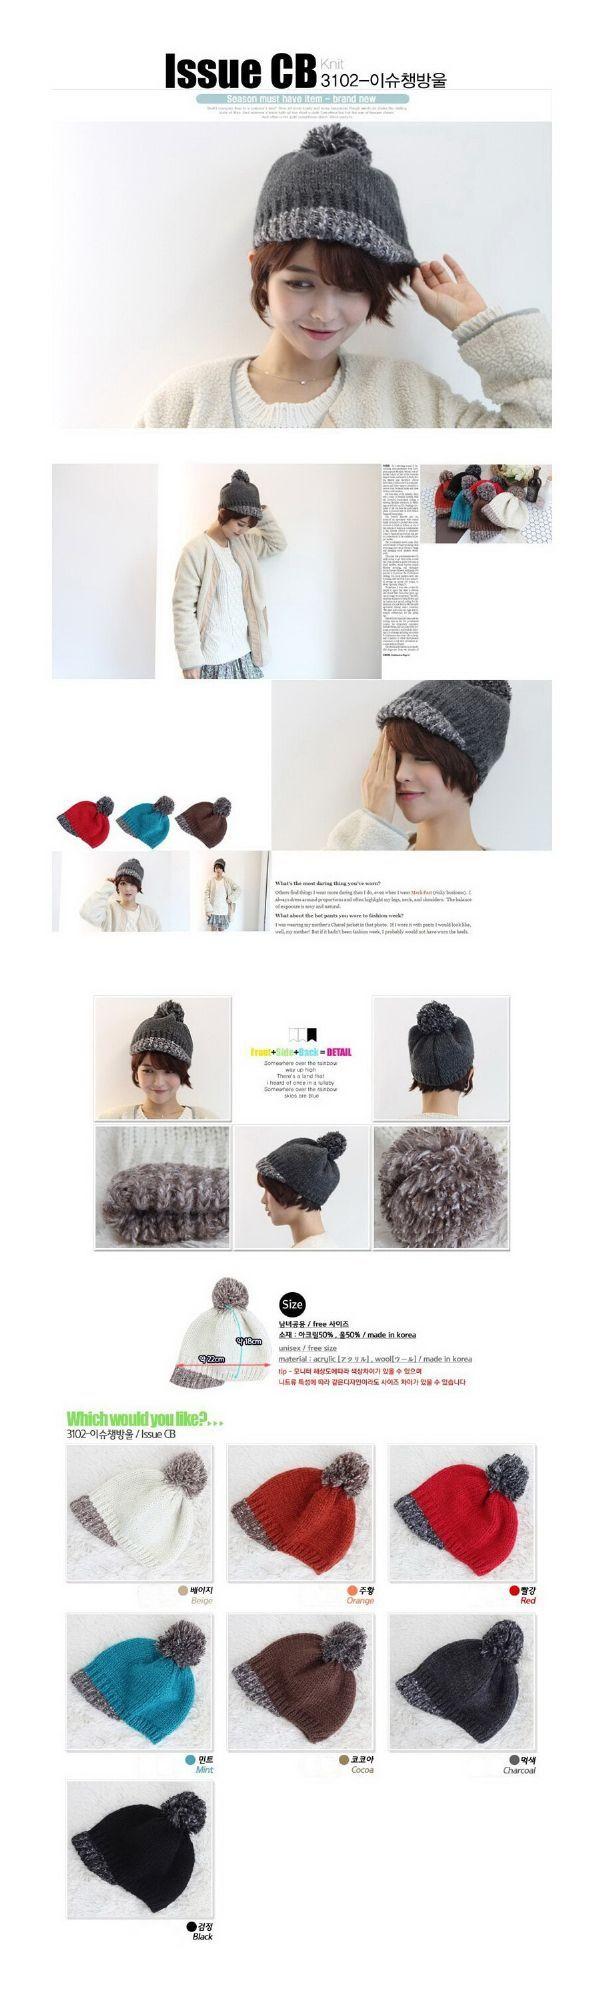 หมวกนิตต์แต่งพู่ cute girl